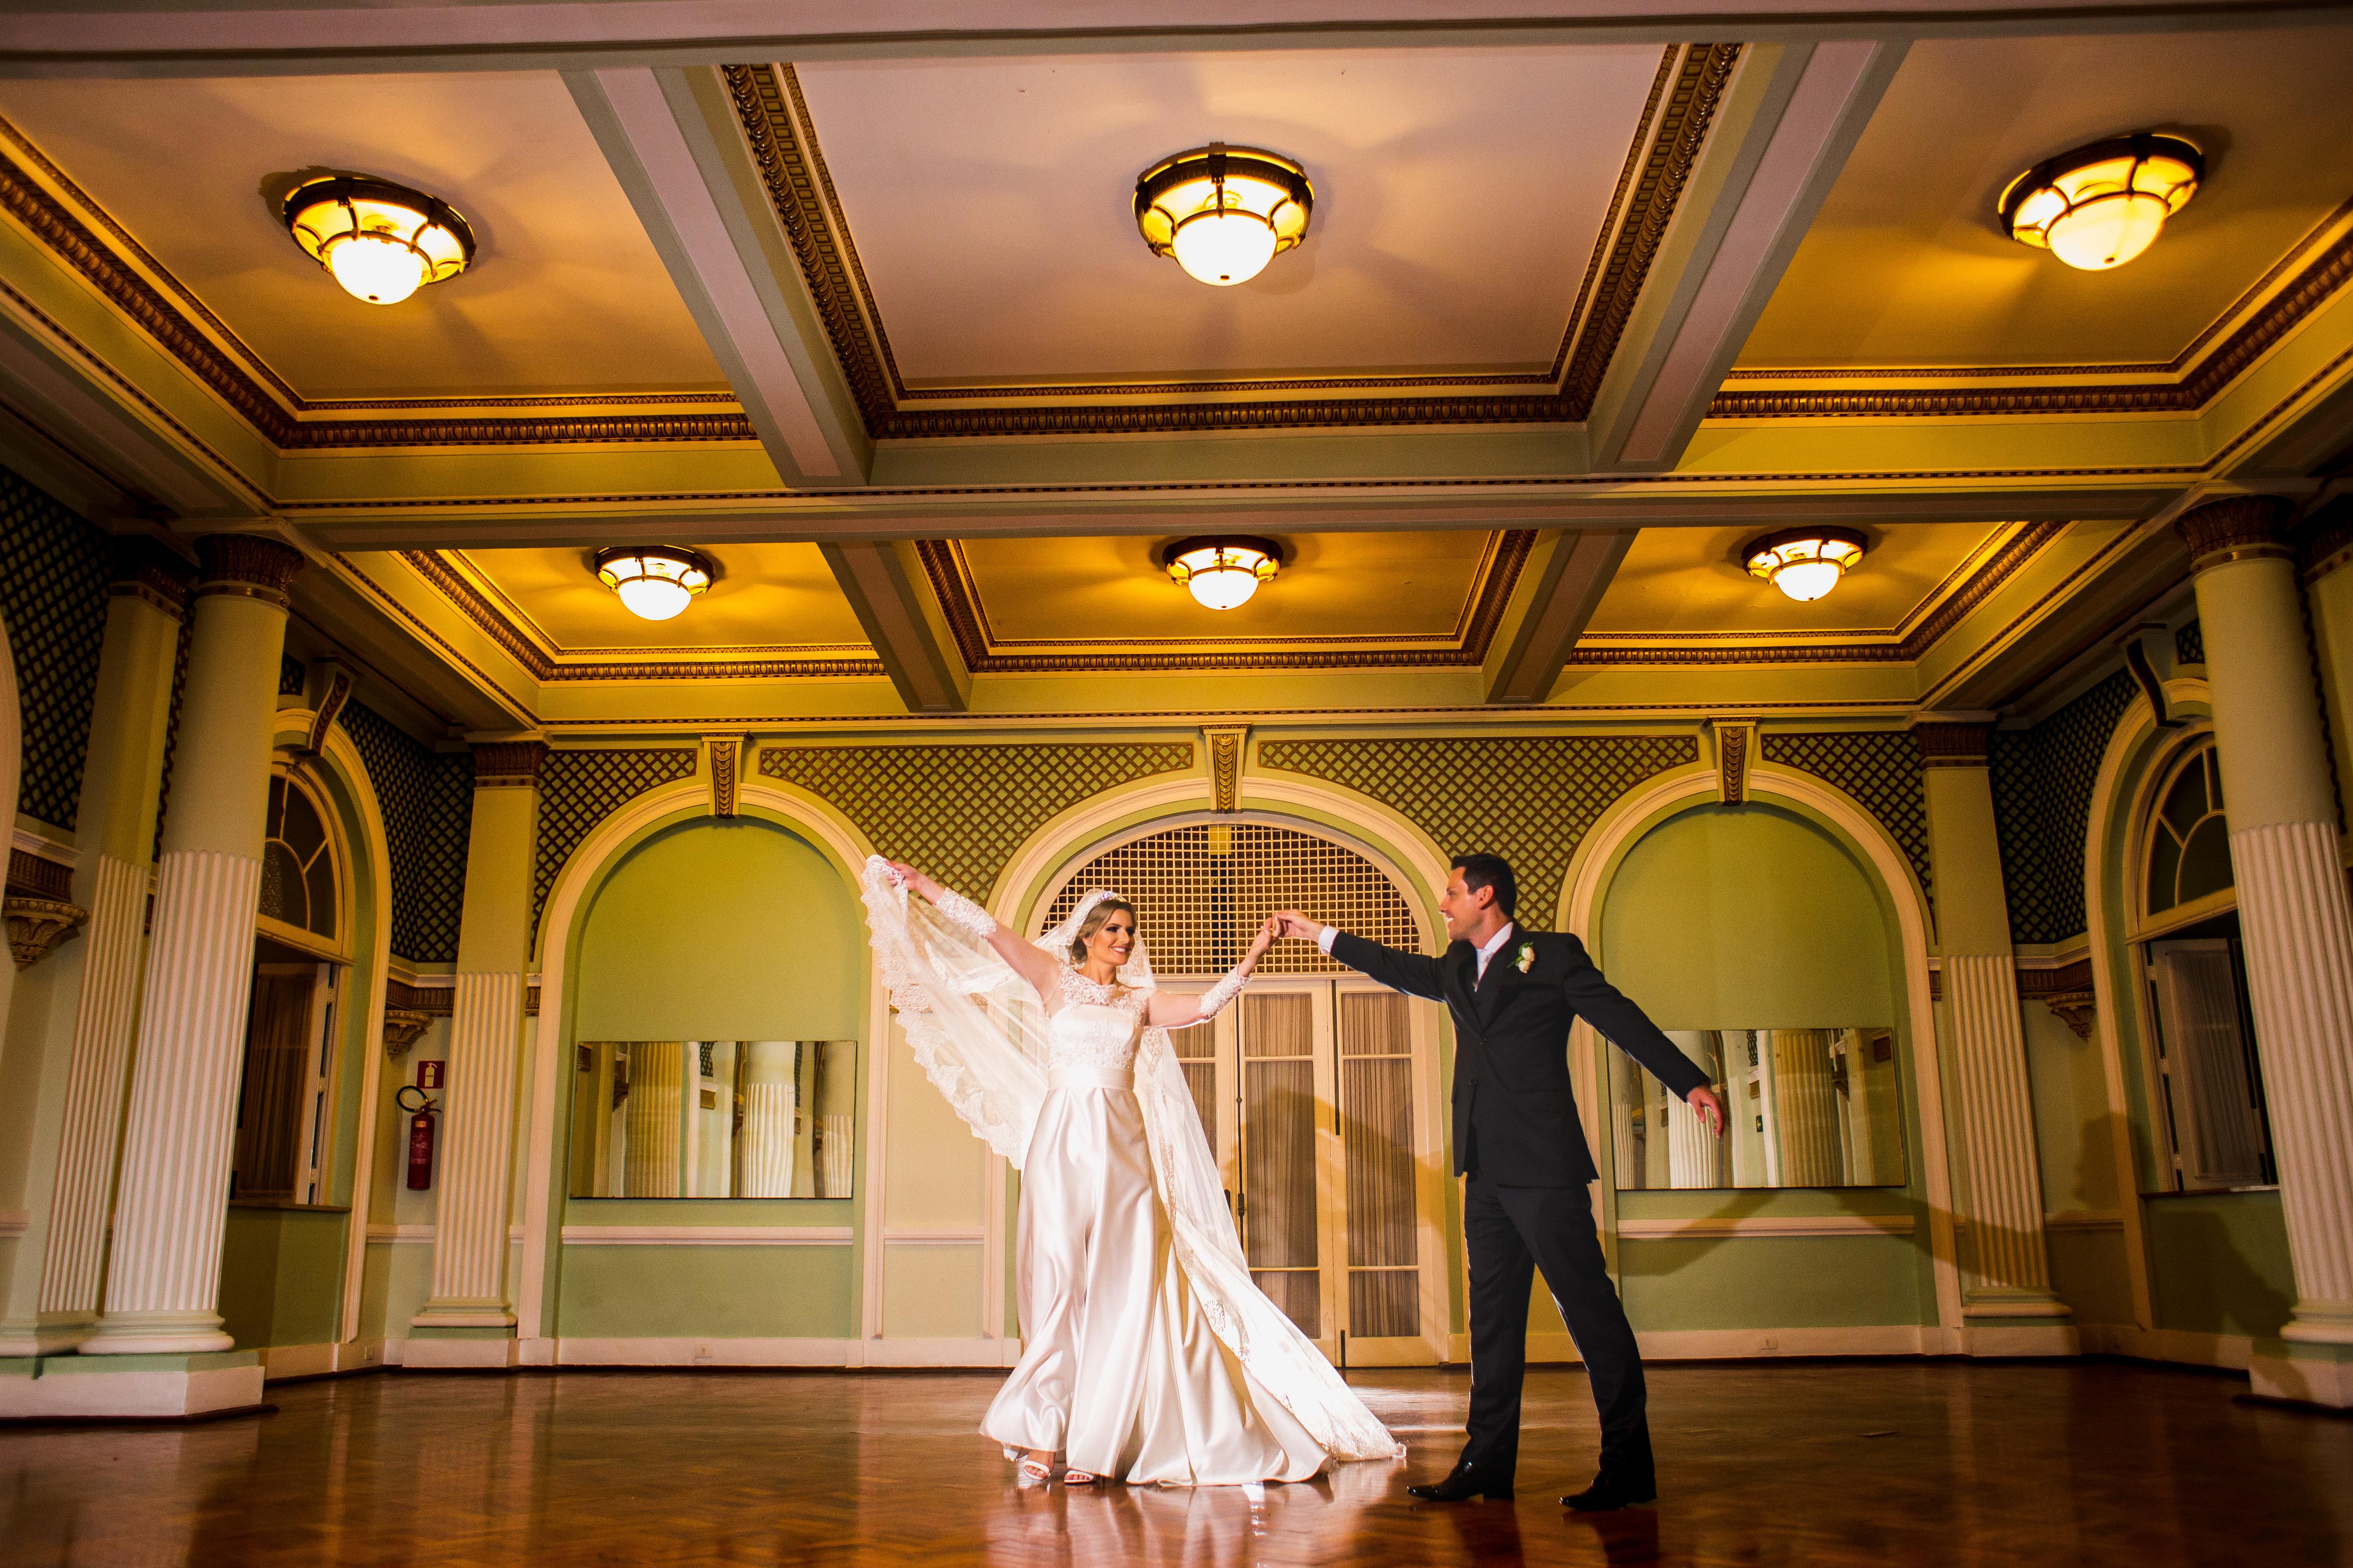 Contate Reinaldo Souza - Fotografias de Casamento